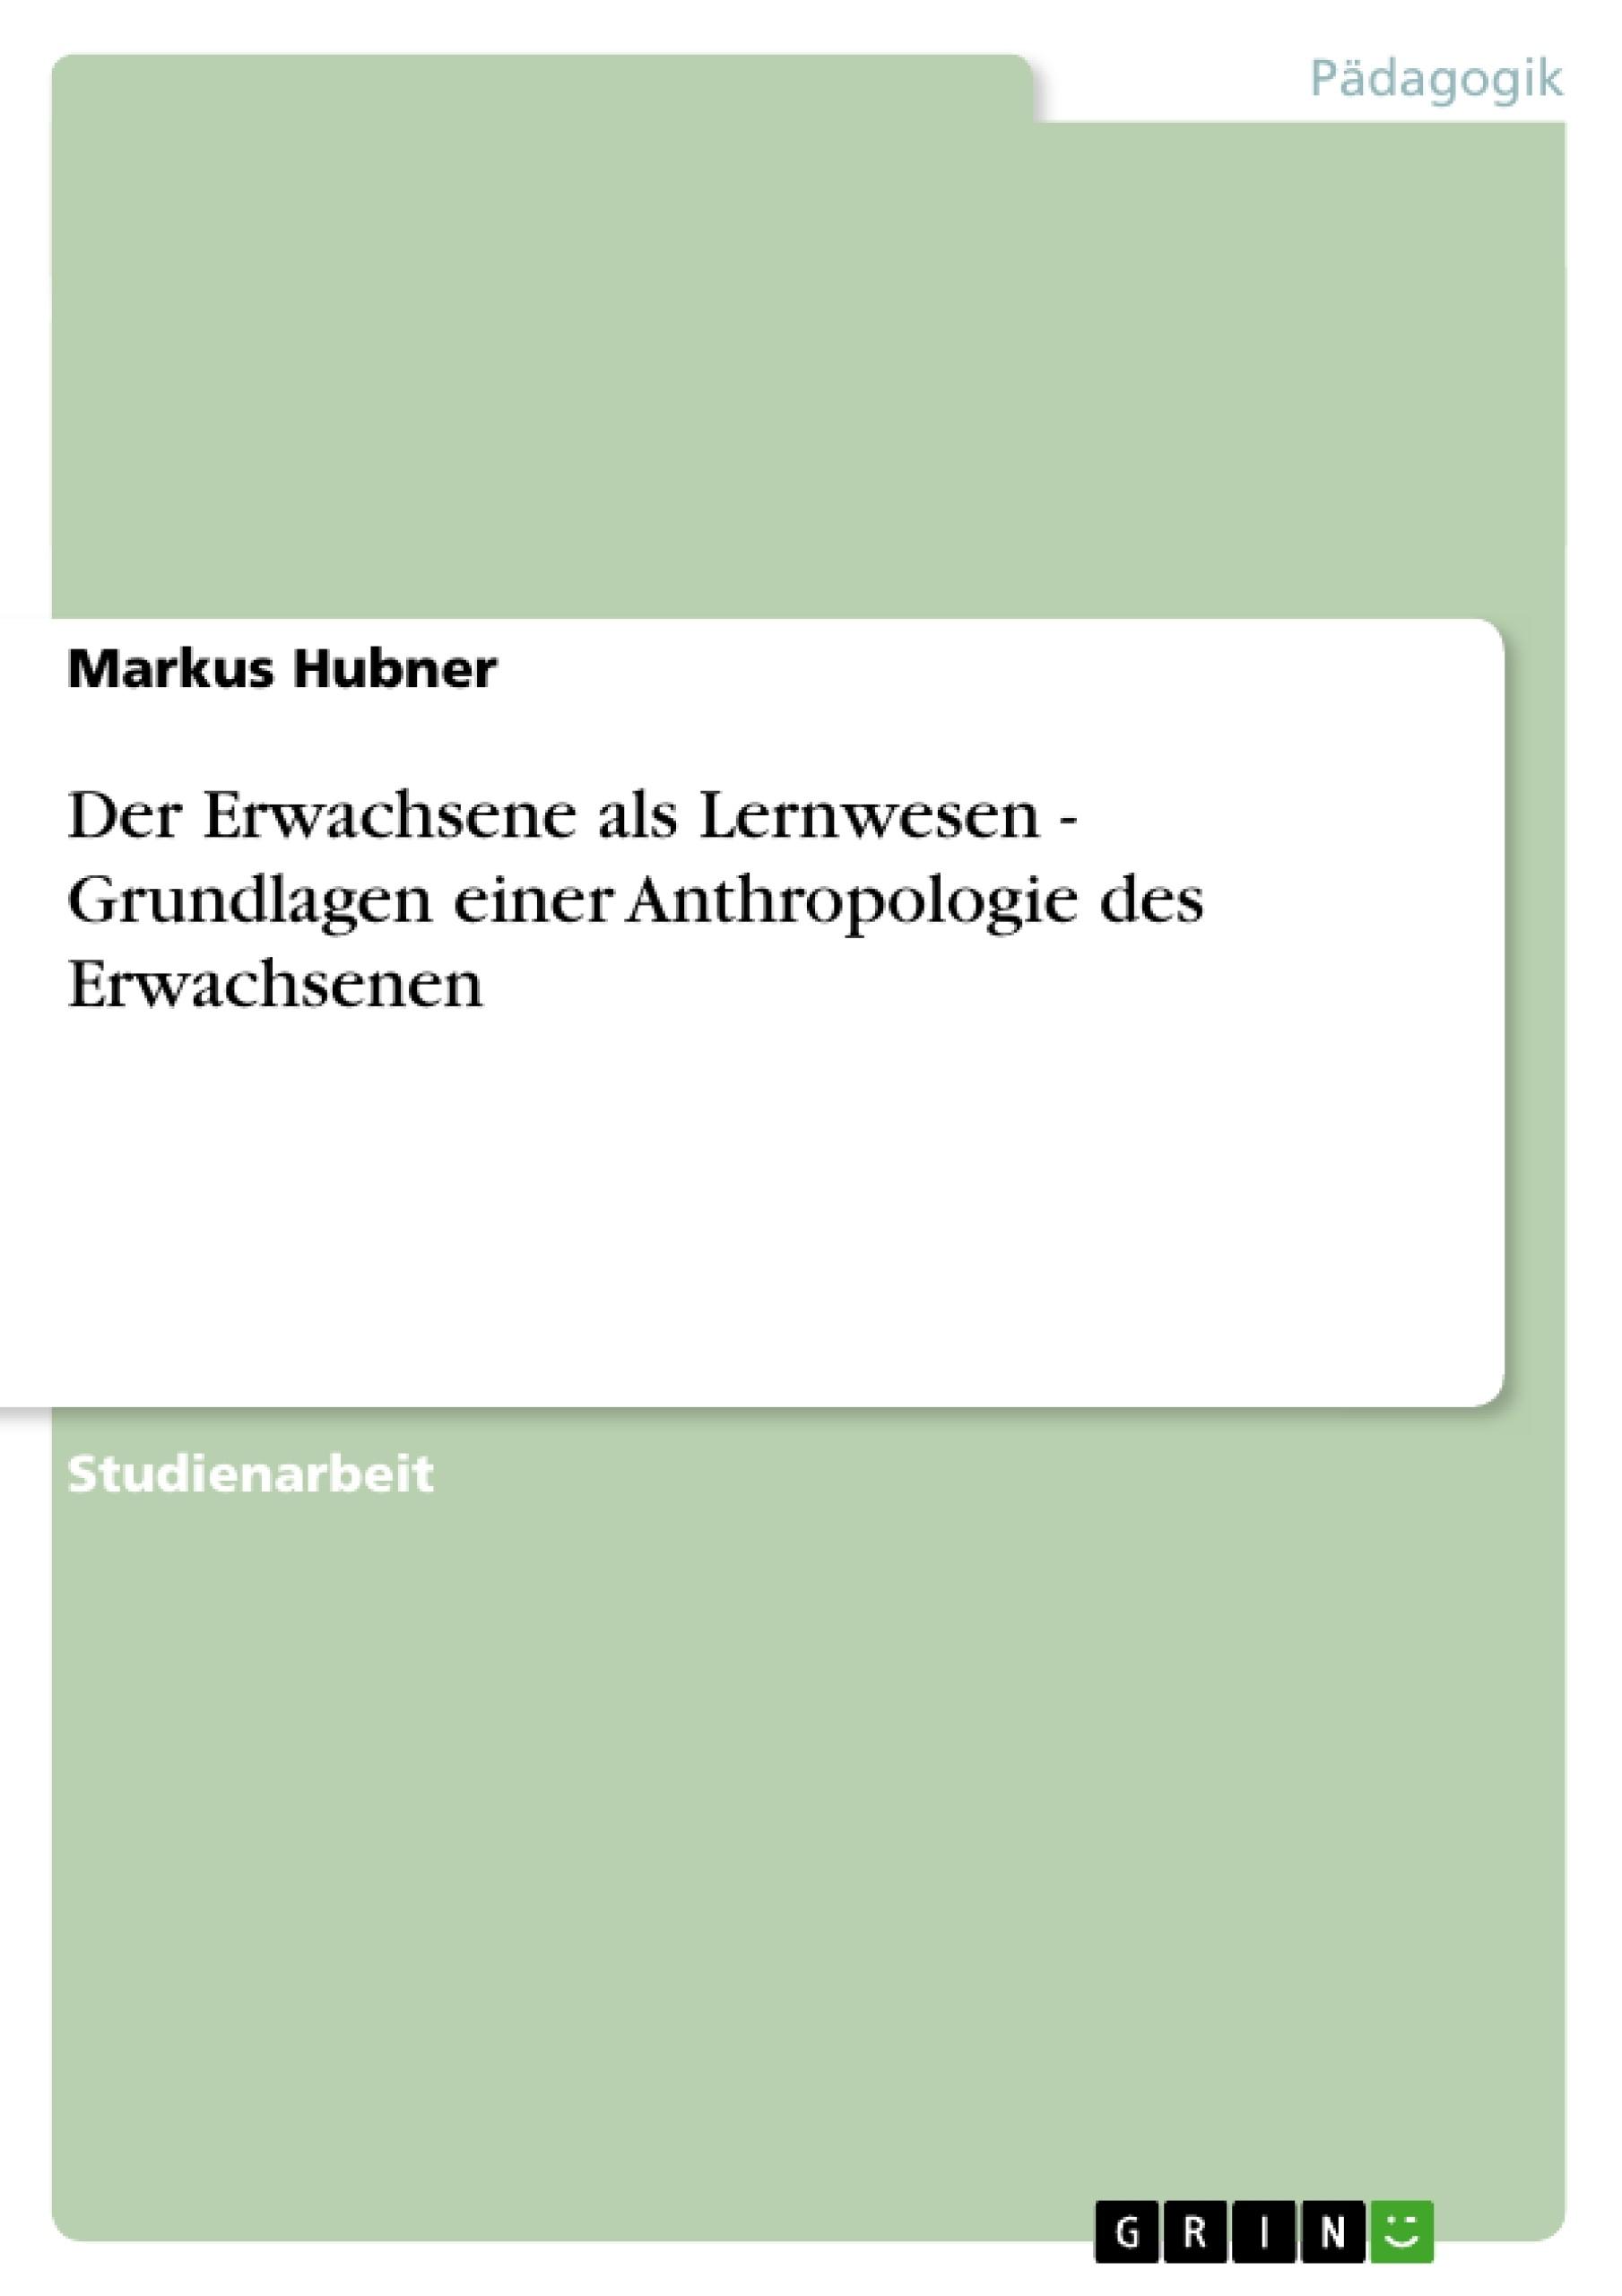 Titel: Der Erwachsene als Lernwesen - Grundlagen einer Anthropologie des Erwachsenen